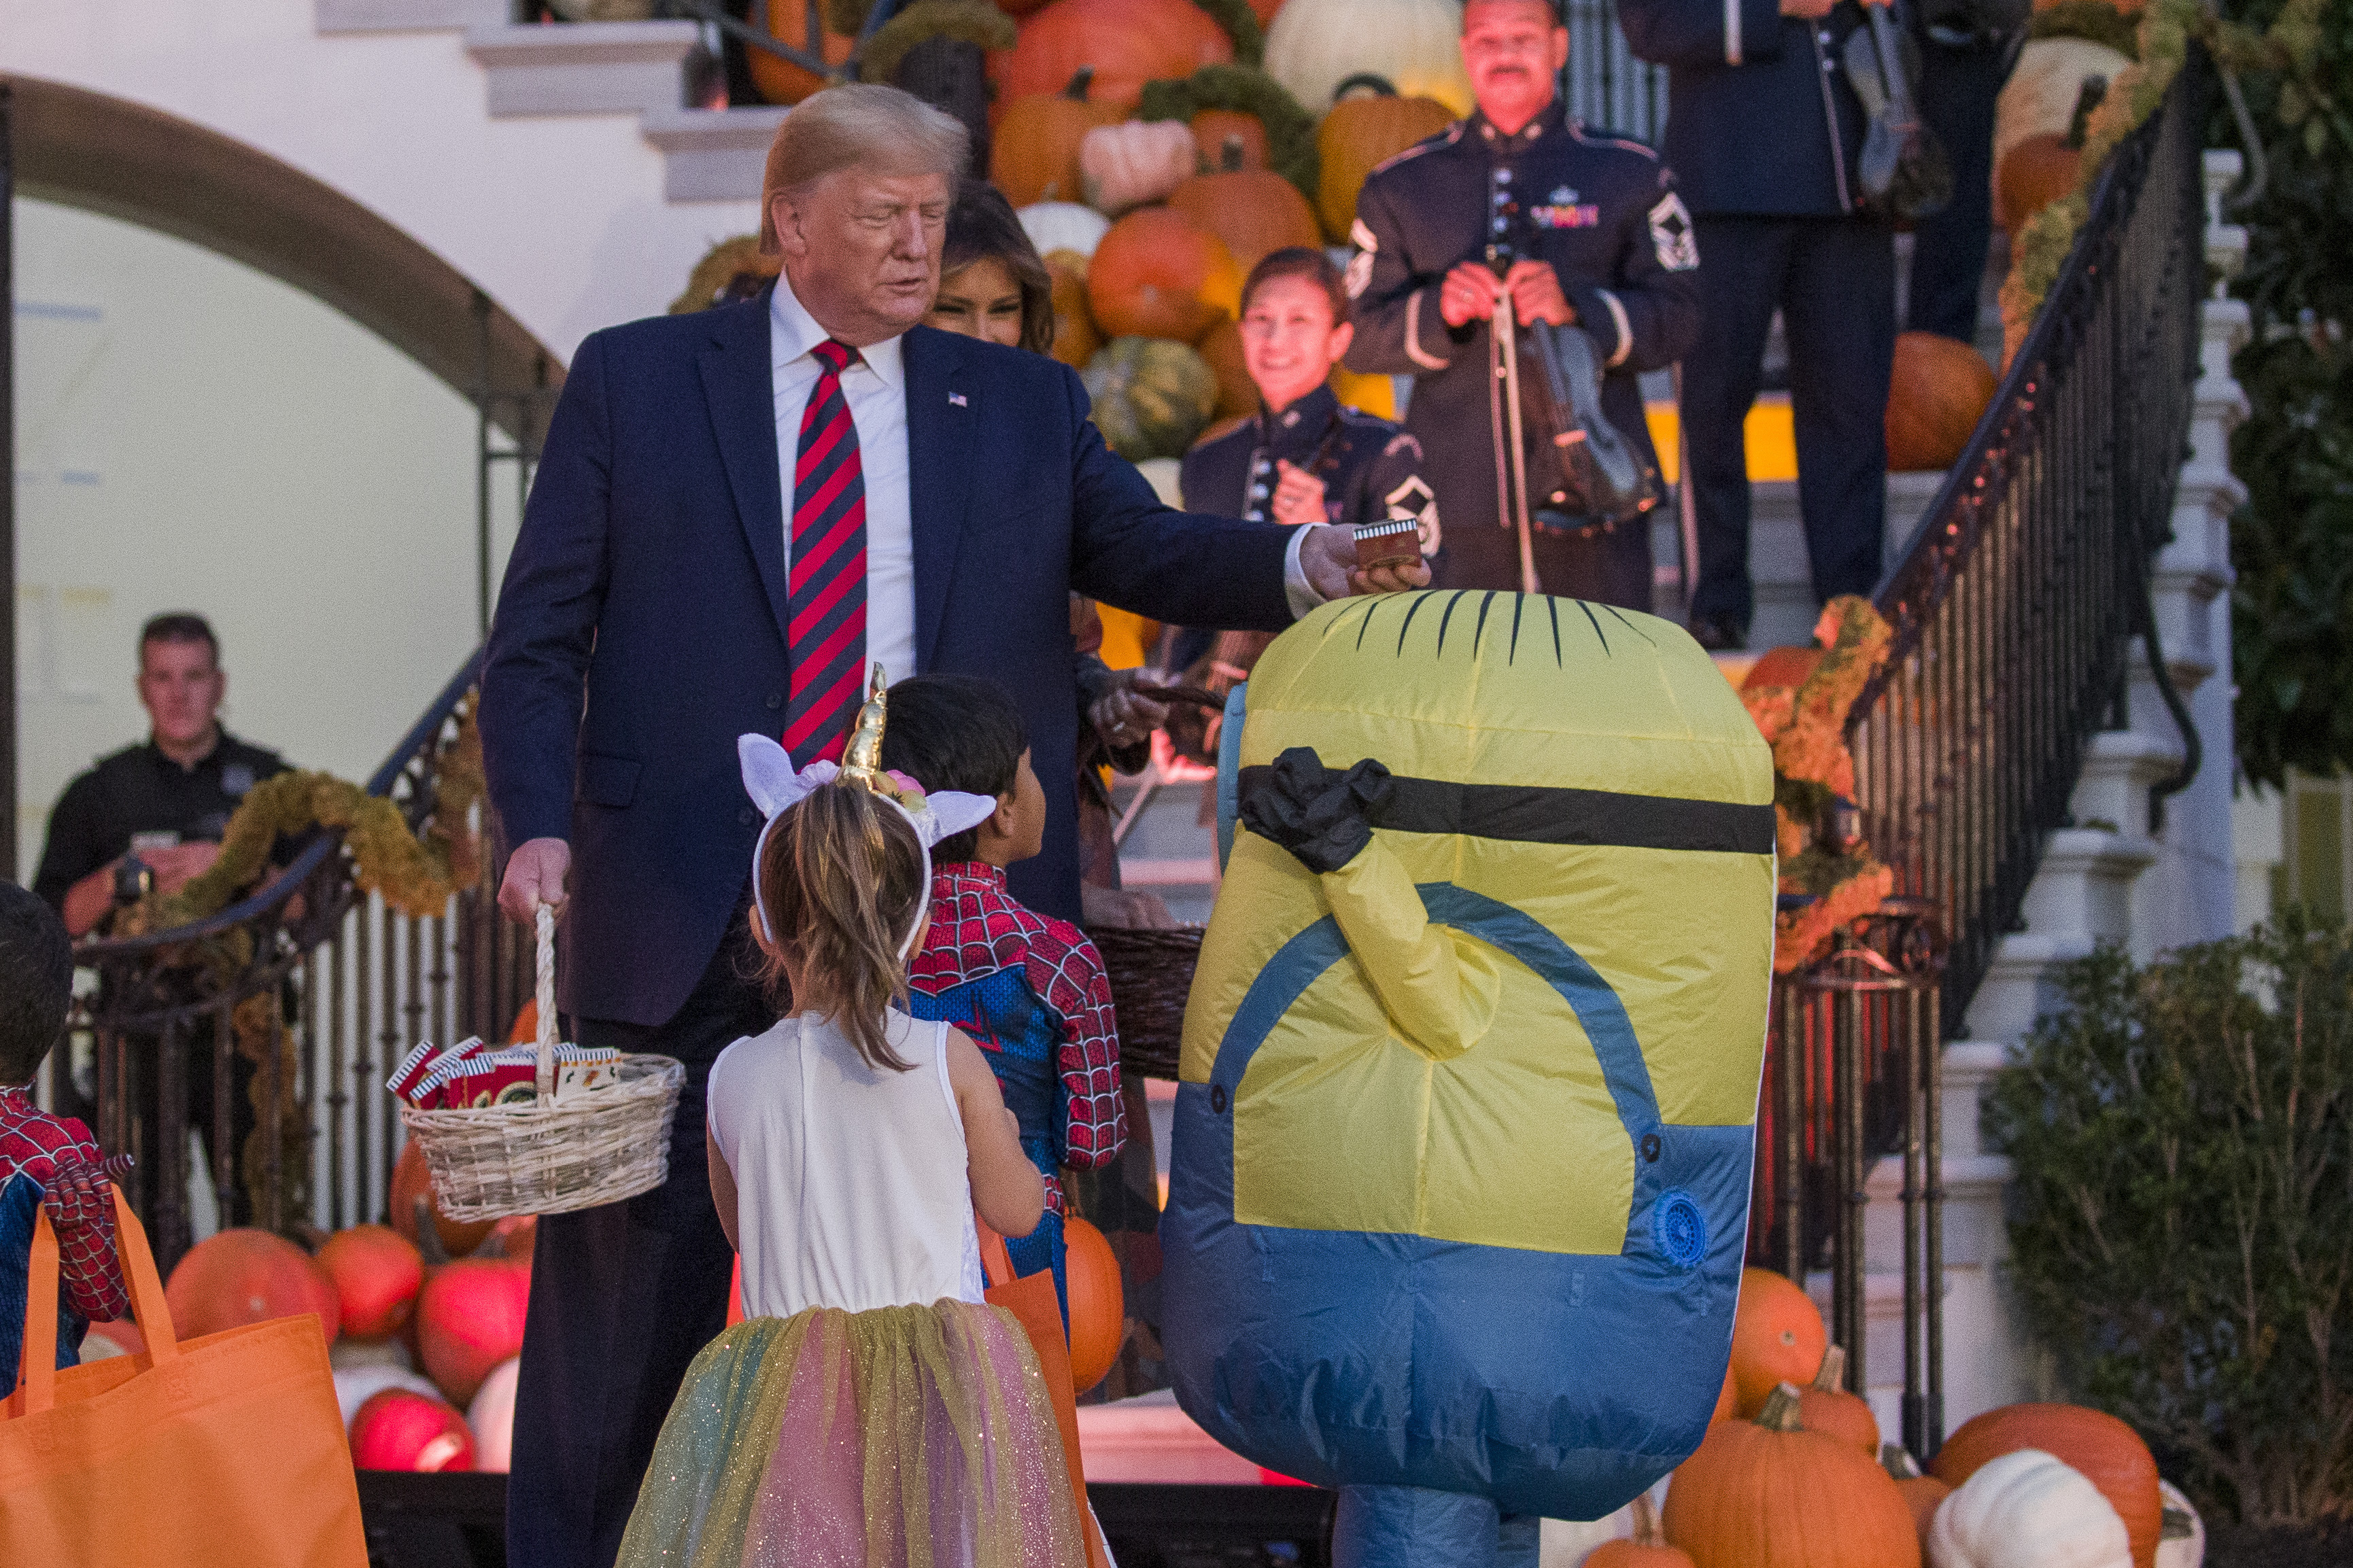 Trump rárakta egy gyerek fejére a halloweeni cukorkát, igaz, nem is nagyon volt más választása